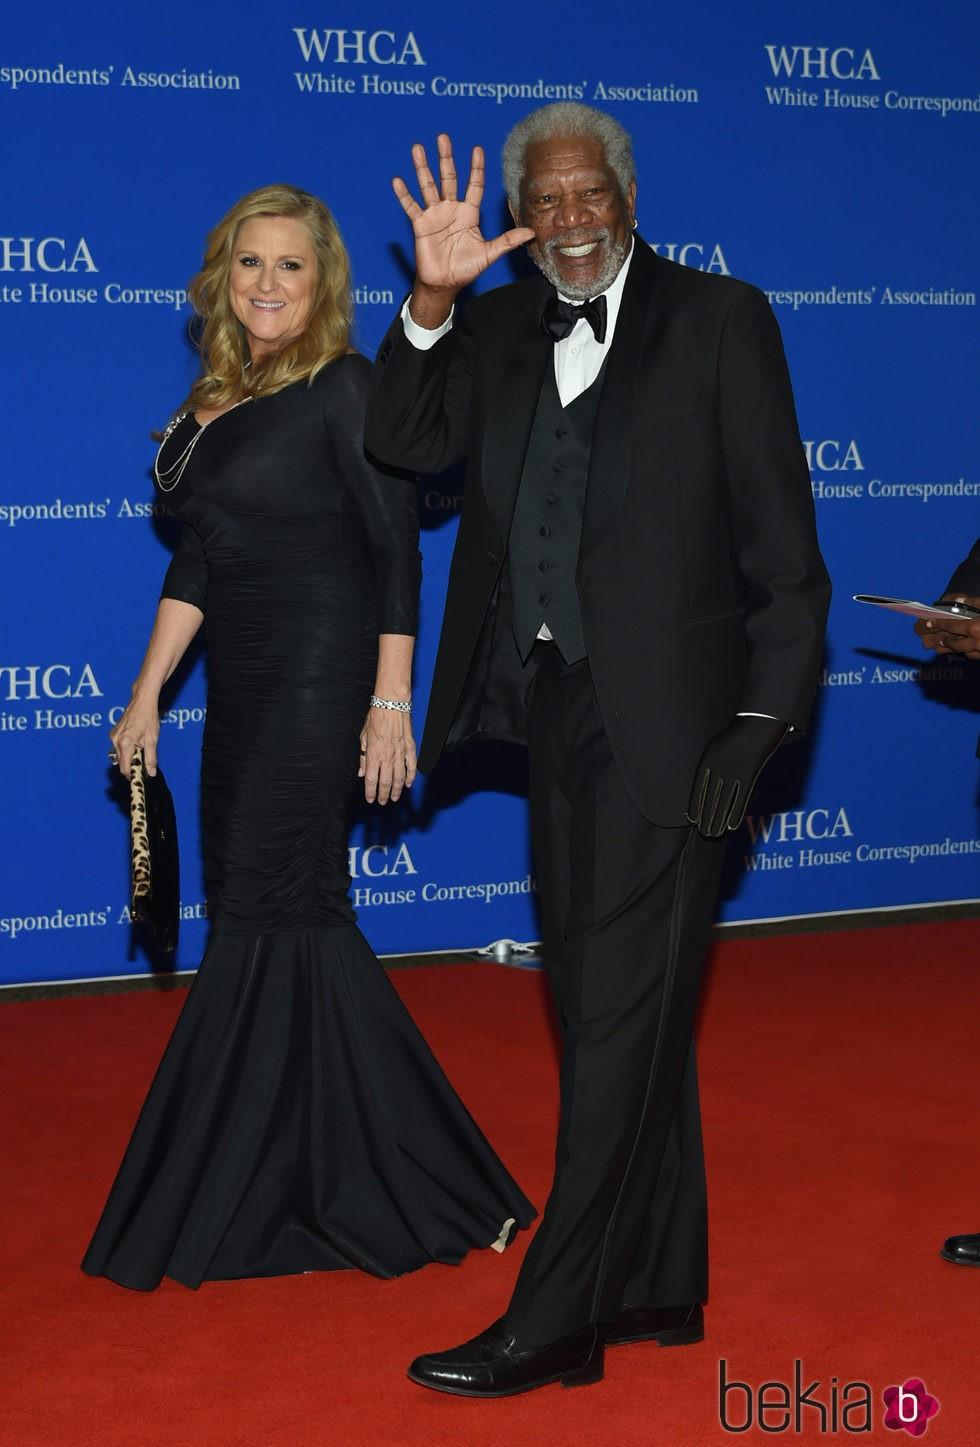 Lori McCreary y Morgan Freeman  en la Fiesta de Corresponsales 2016 en la Casa Blanca